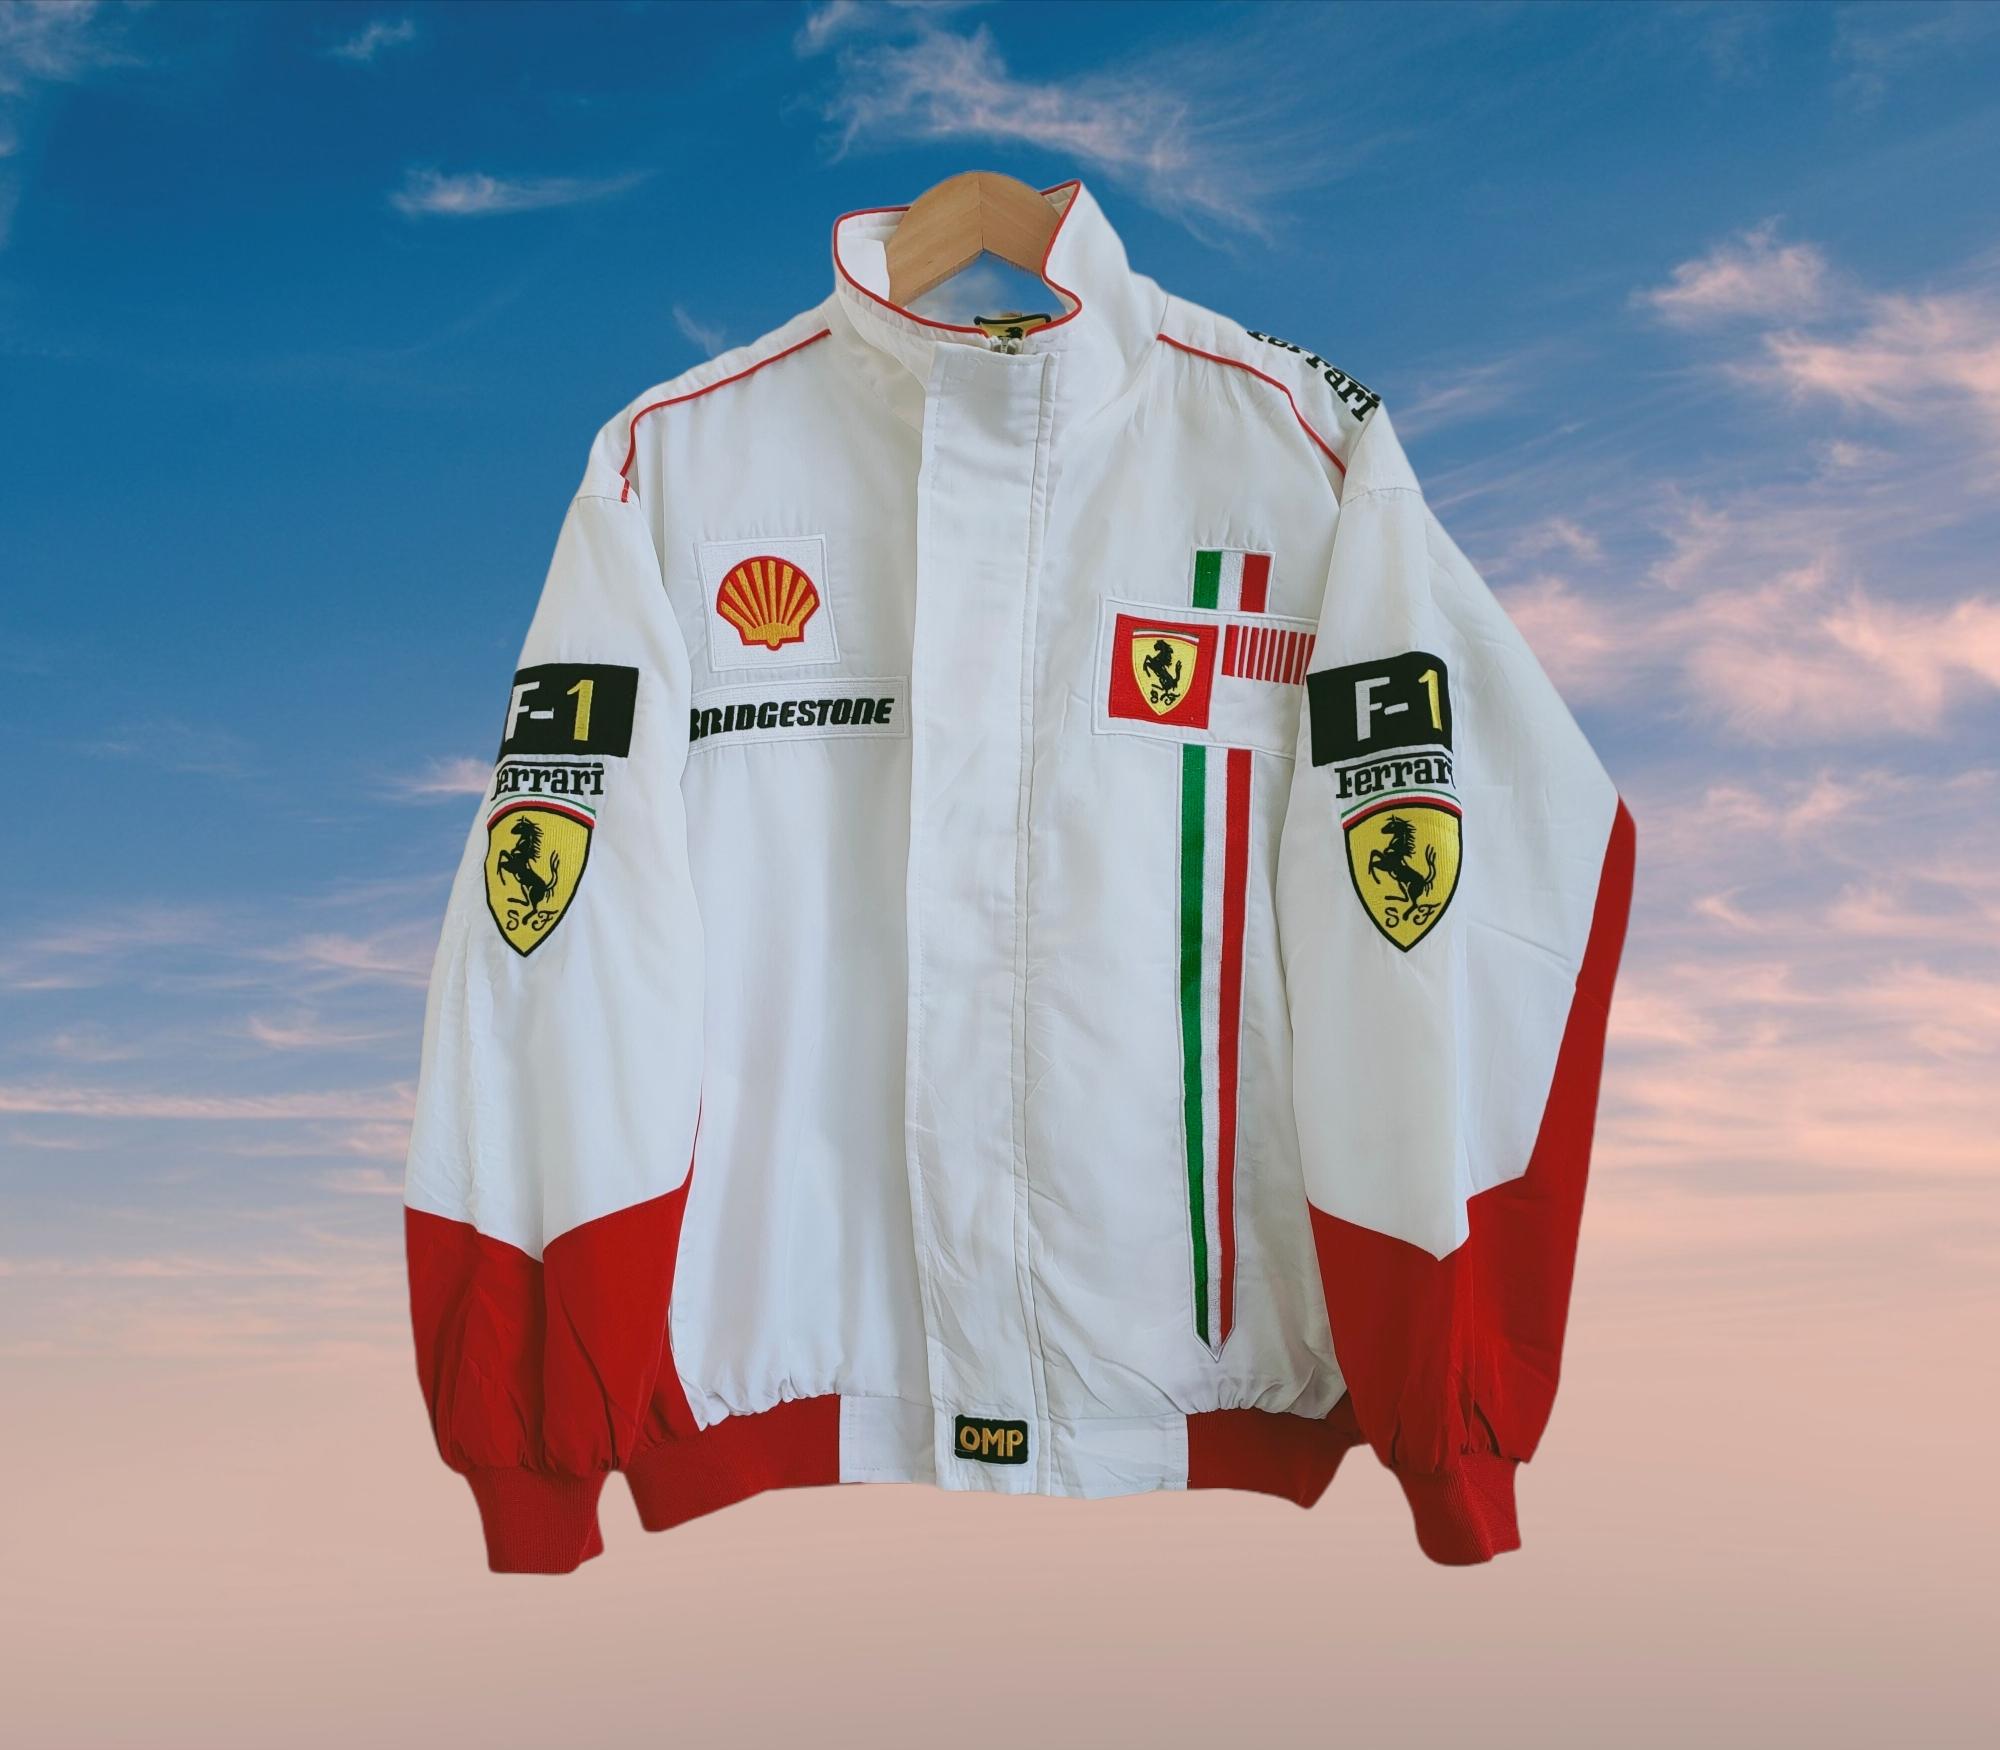 Vintage Vintage Ferrari F1 Racing Jacket Grailed